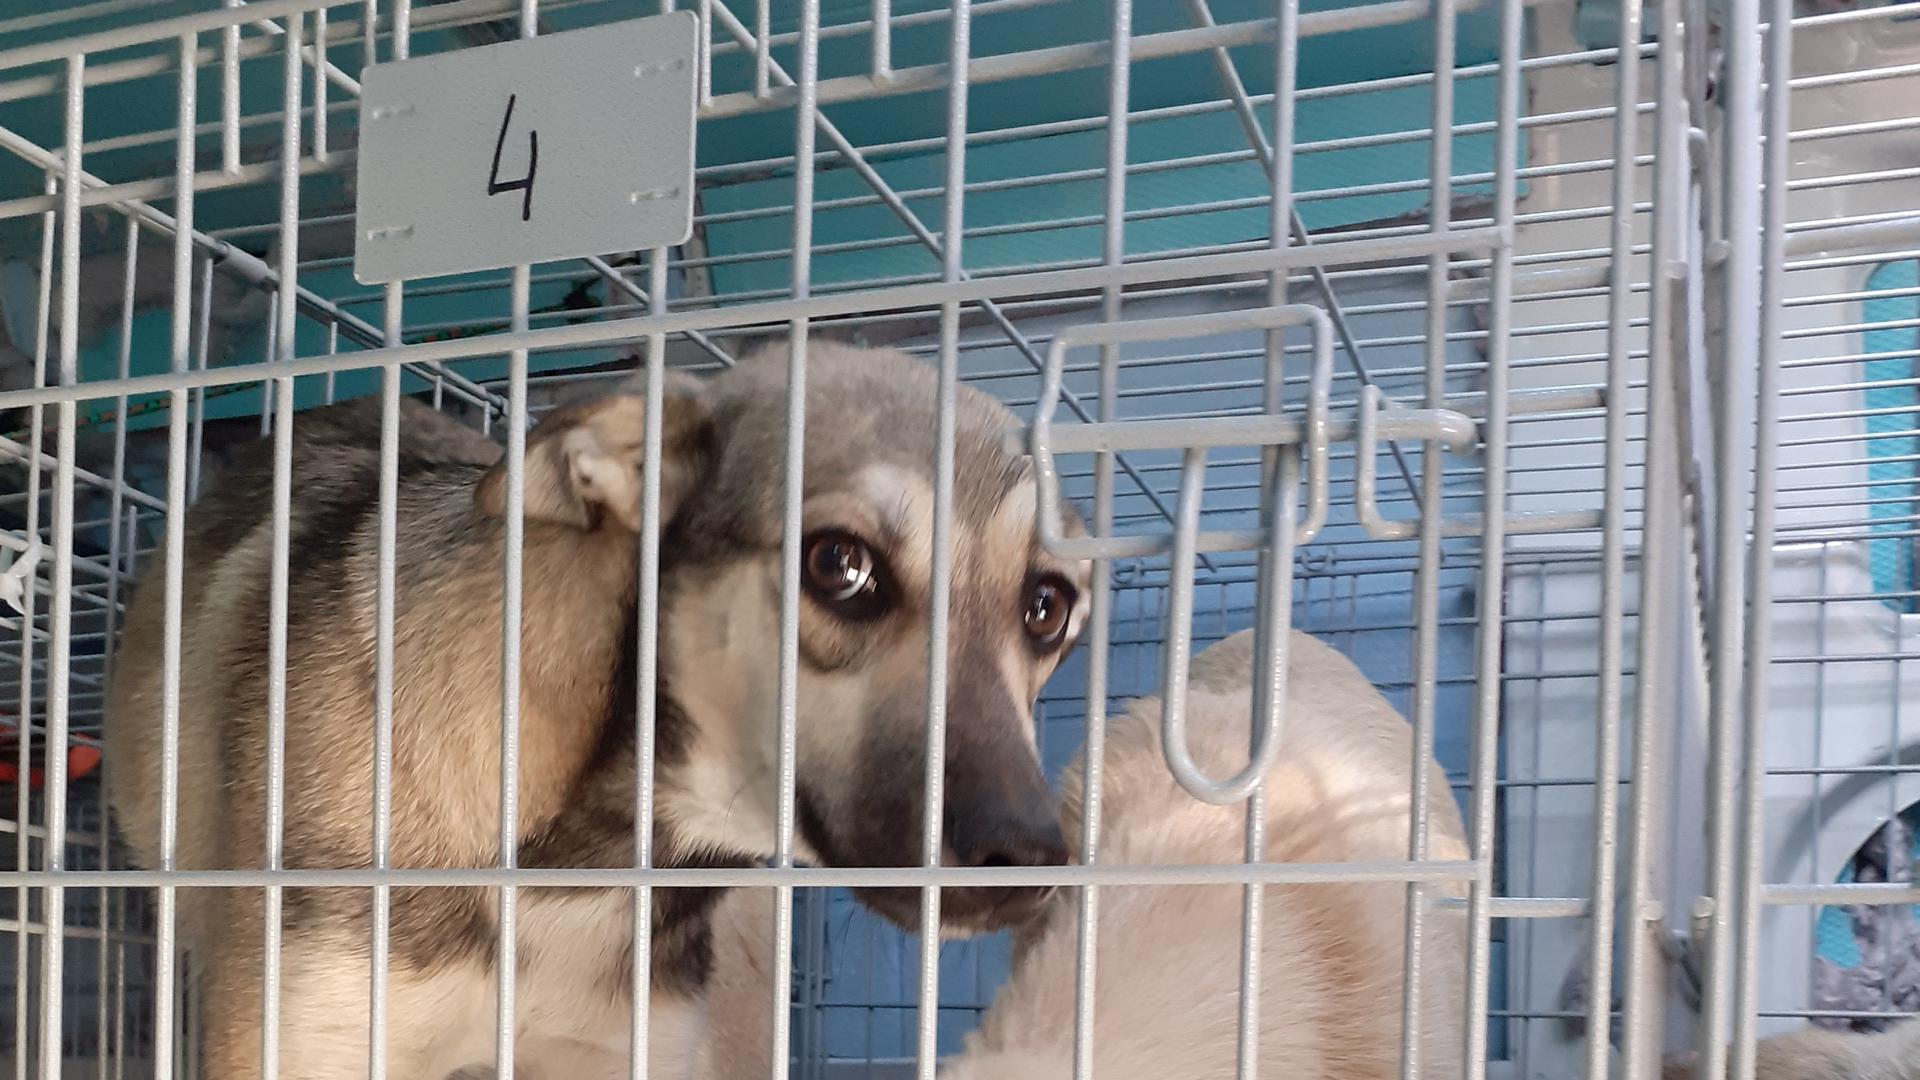 Die Karlsruher Polizei hat den Transporter gestoppt: Teilweise waren die Hunde zu zweit in den Boxen untergebracht, die ohnehin zu klein waren.